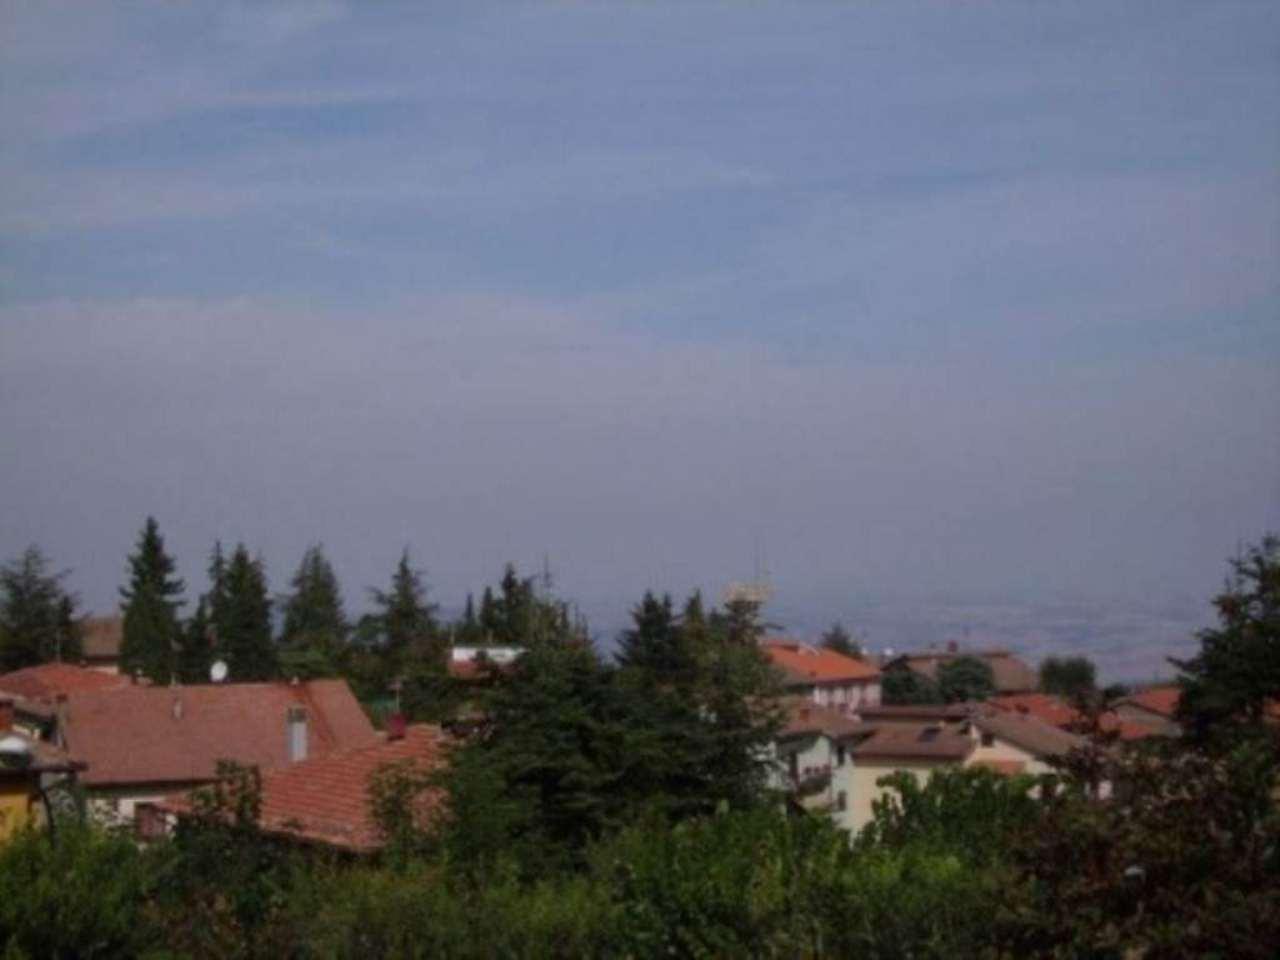 Appartamento in vendita a Castiglione d'Orcia, 1 locali, prezzo € 21.000 | Cambio Casa.it